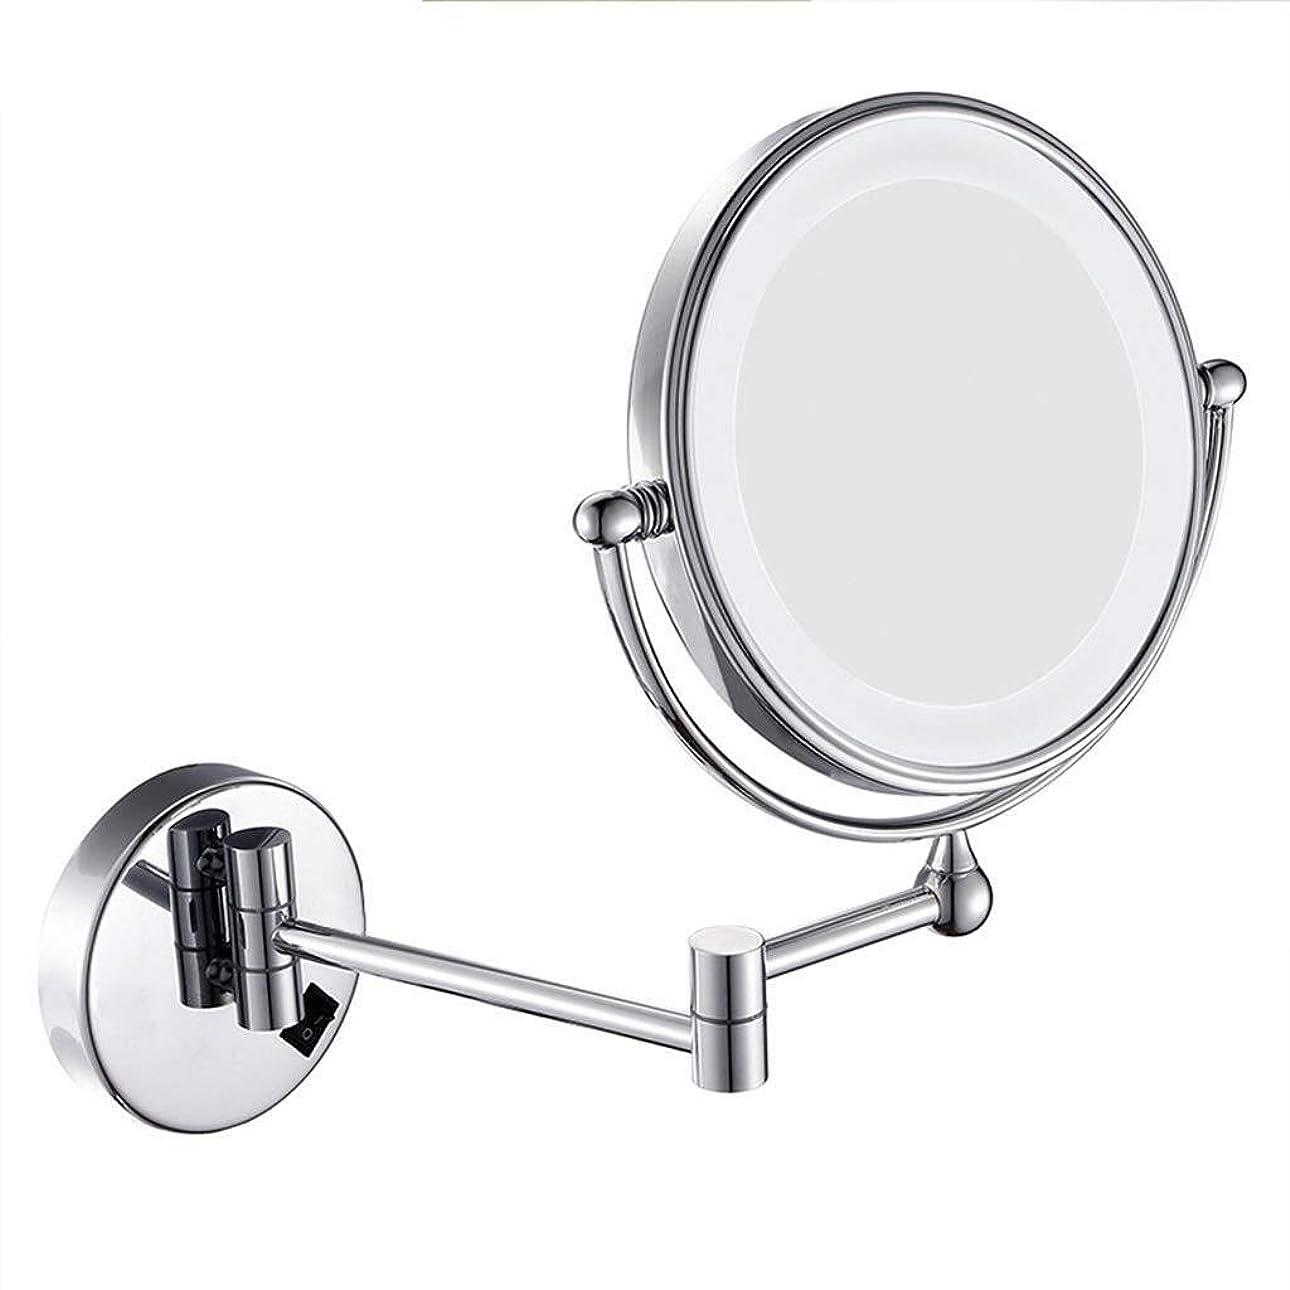 怖がらせる酒視力ShiSyan ミラー (:シルバー、サイズ:8インチ10倍カラー)壁掛け化粧鏡のLEDフィルライトメイクアップミラーウォールは8インチの光折りたたみ伸縮10倍拡大鏡をマウント インテリア